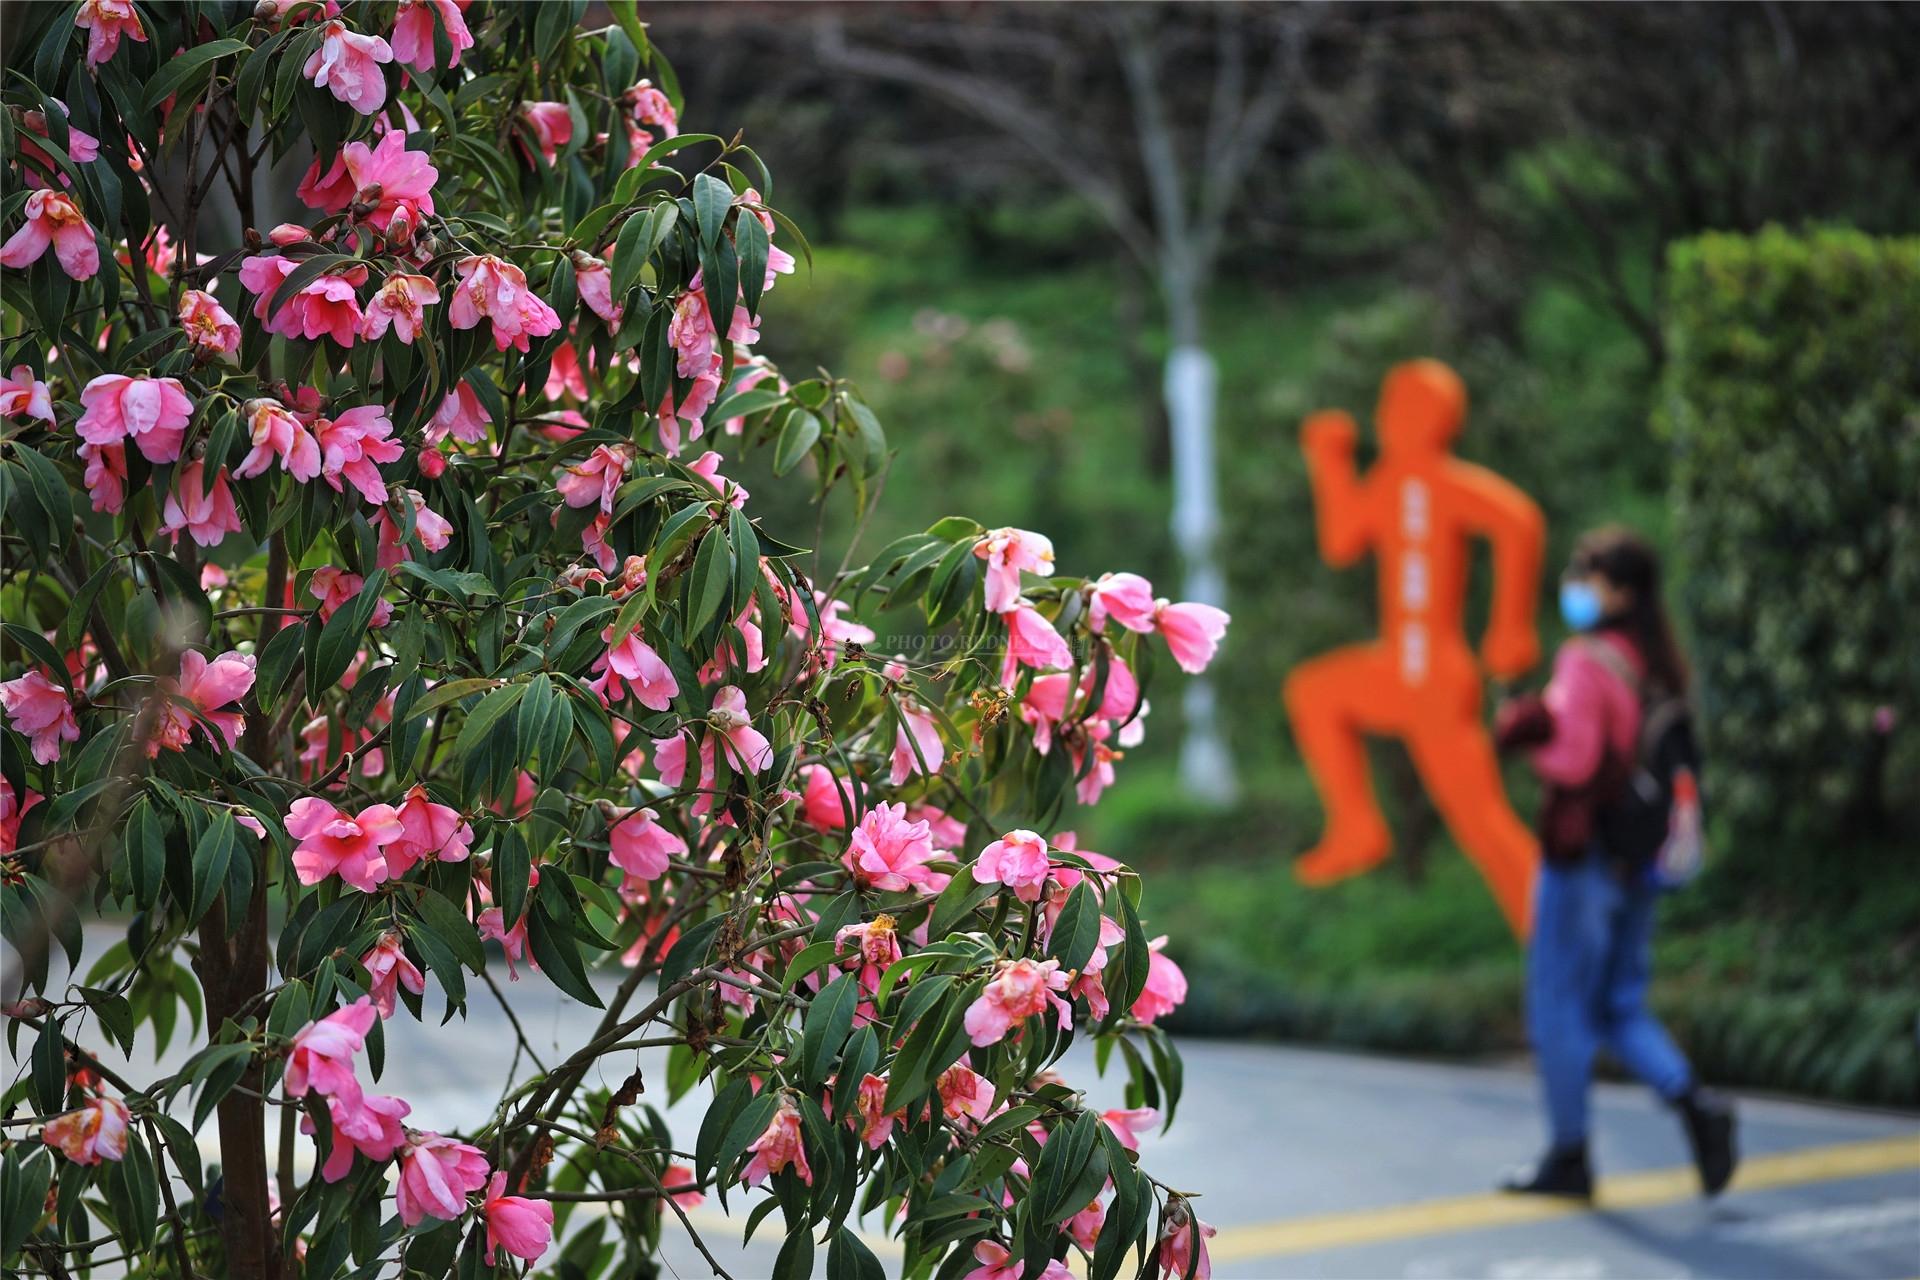 湖南省植物园樱花、梅花竞相绽放 新春赏花正当时